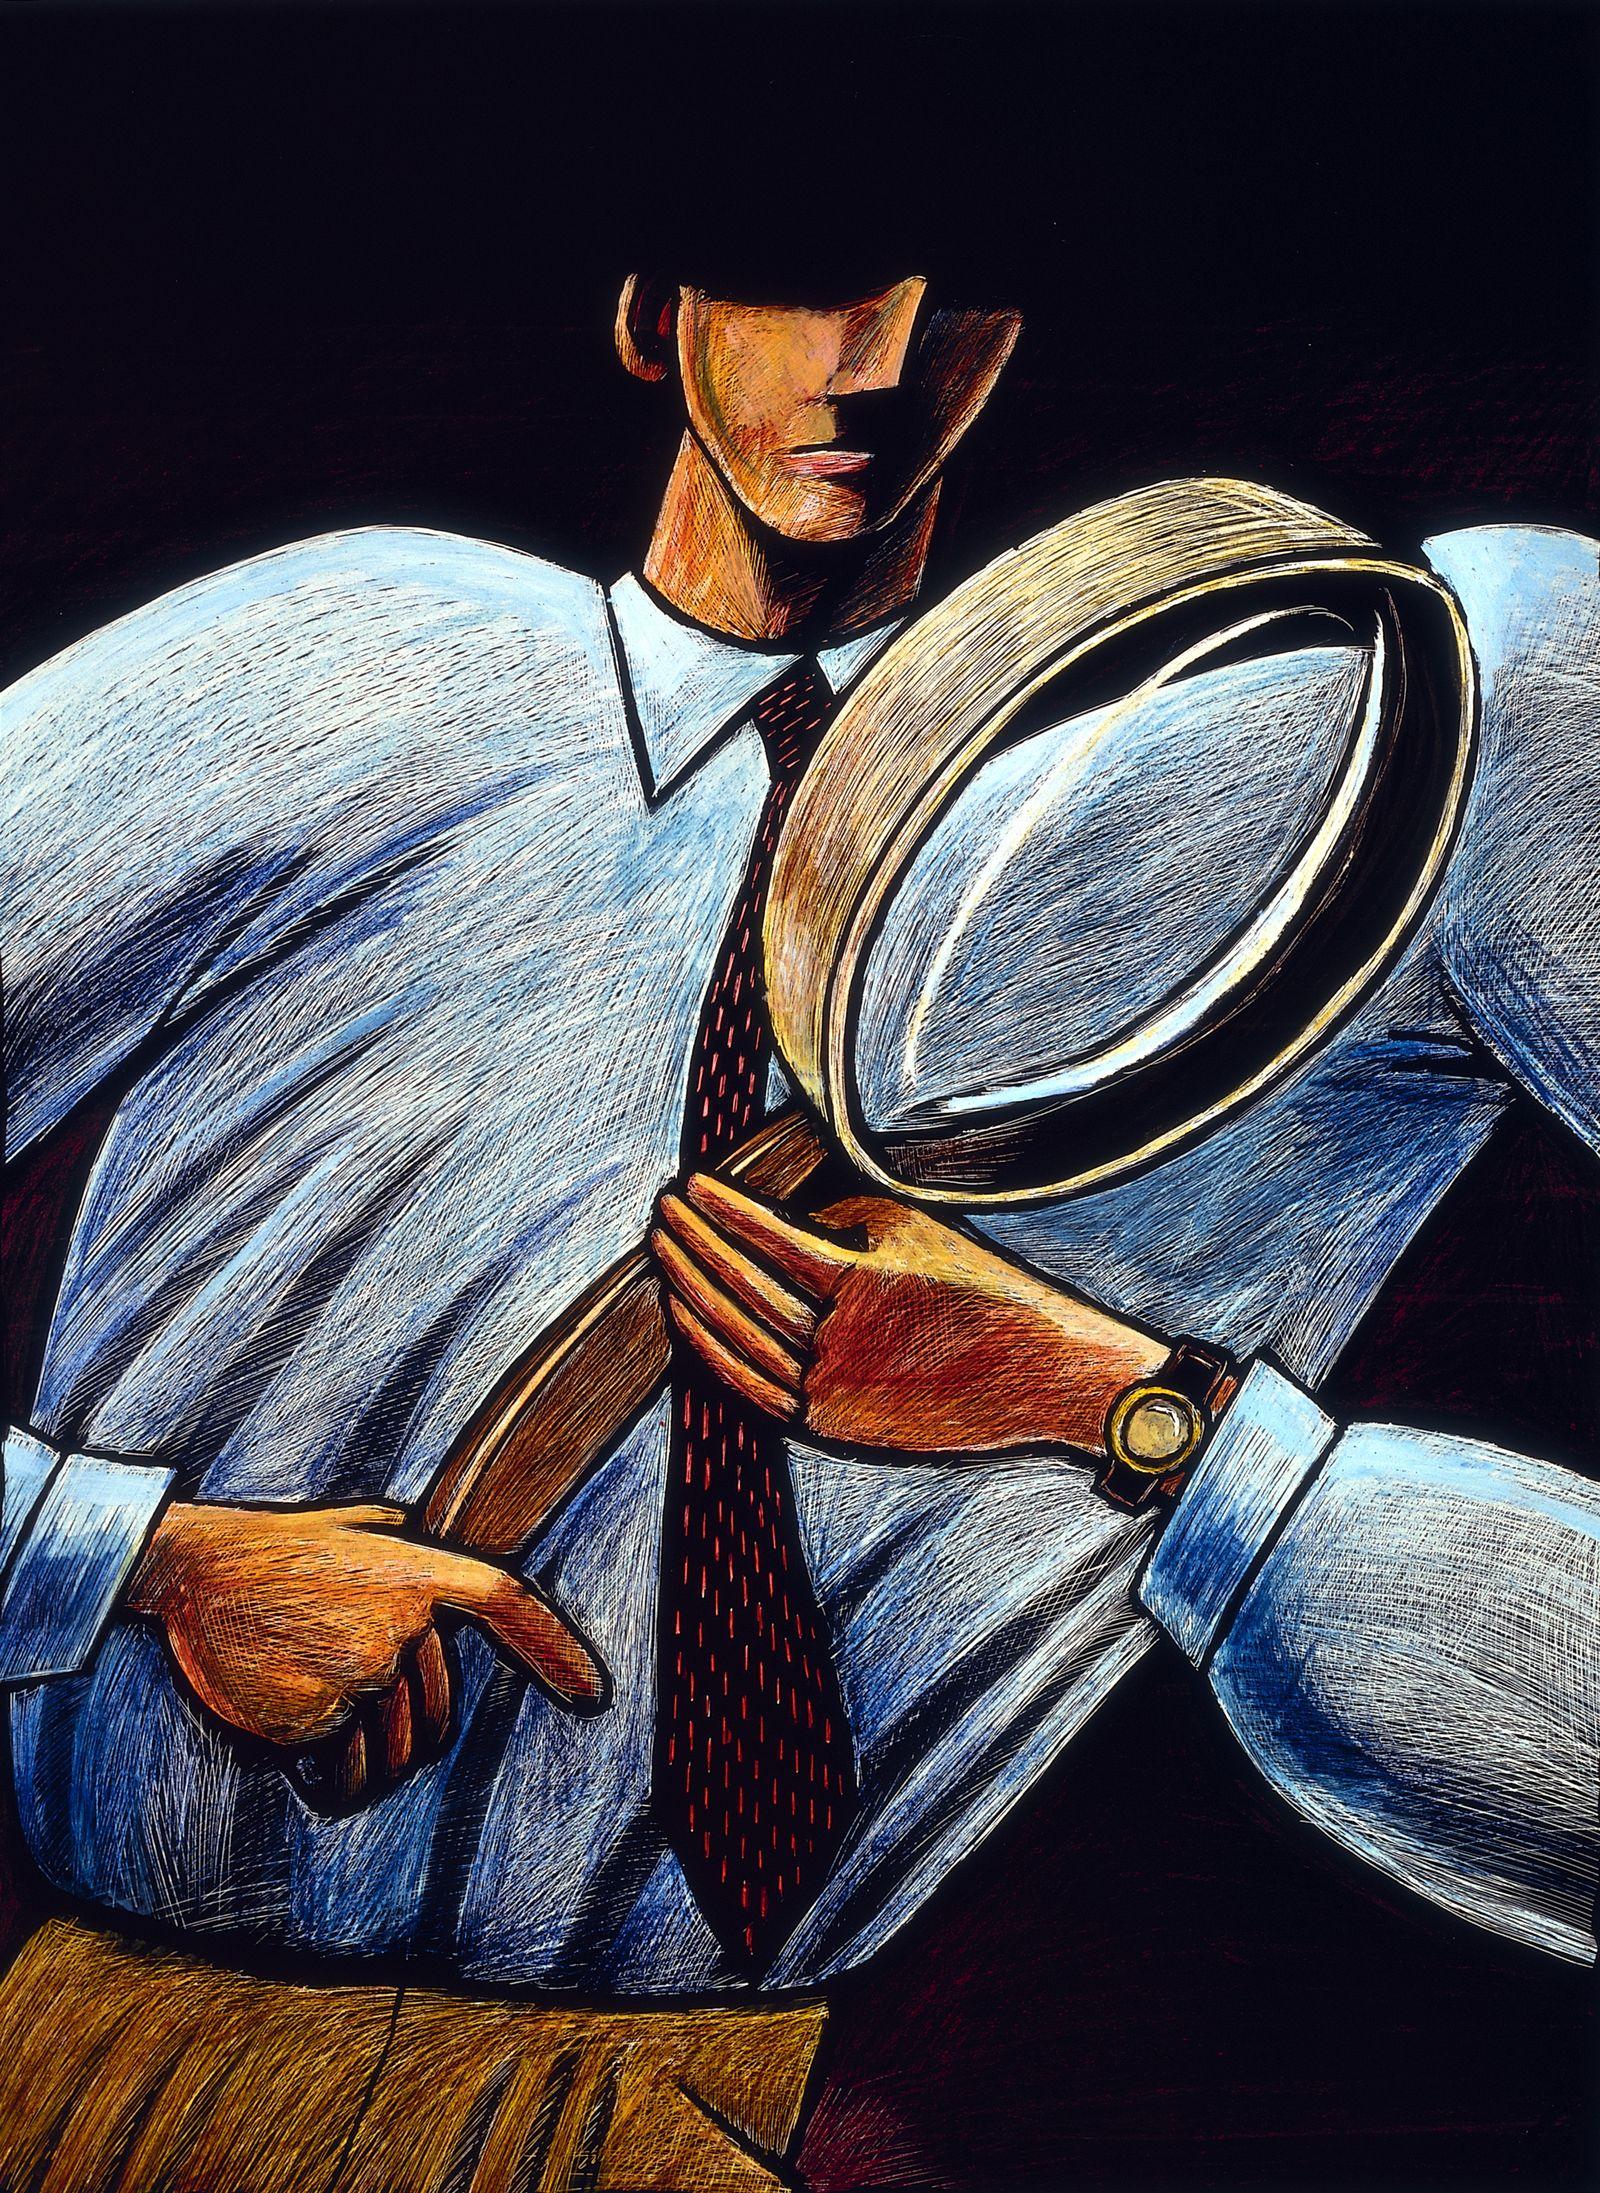 NICHT MEHR VERWENDEN! - Symbolbild Plagiatsjäger / Detektiv / Lupe